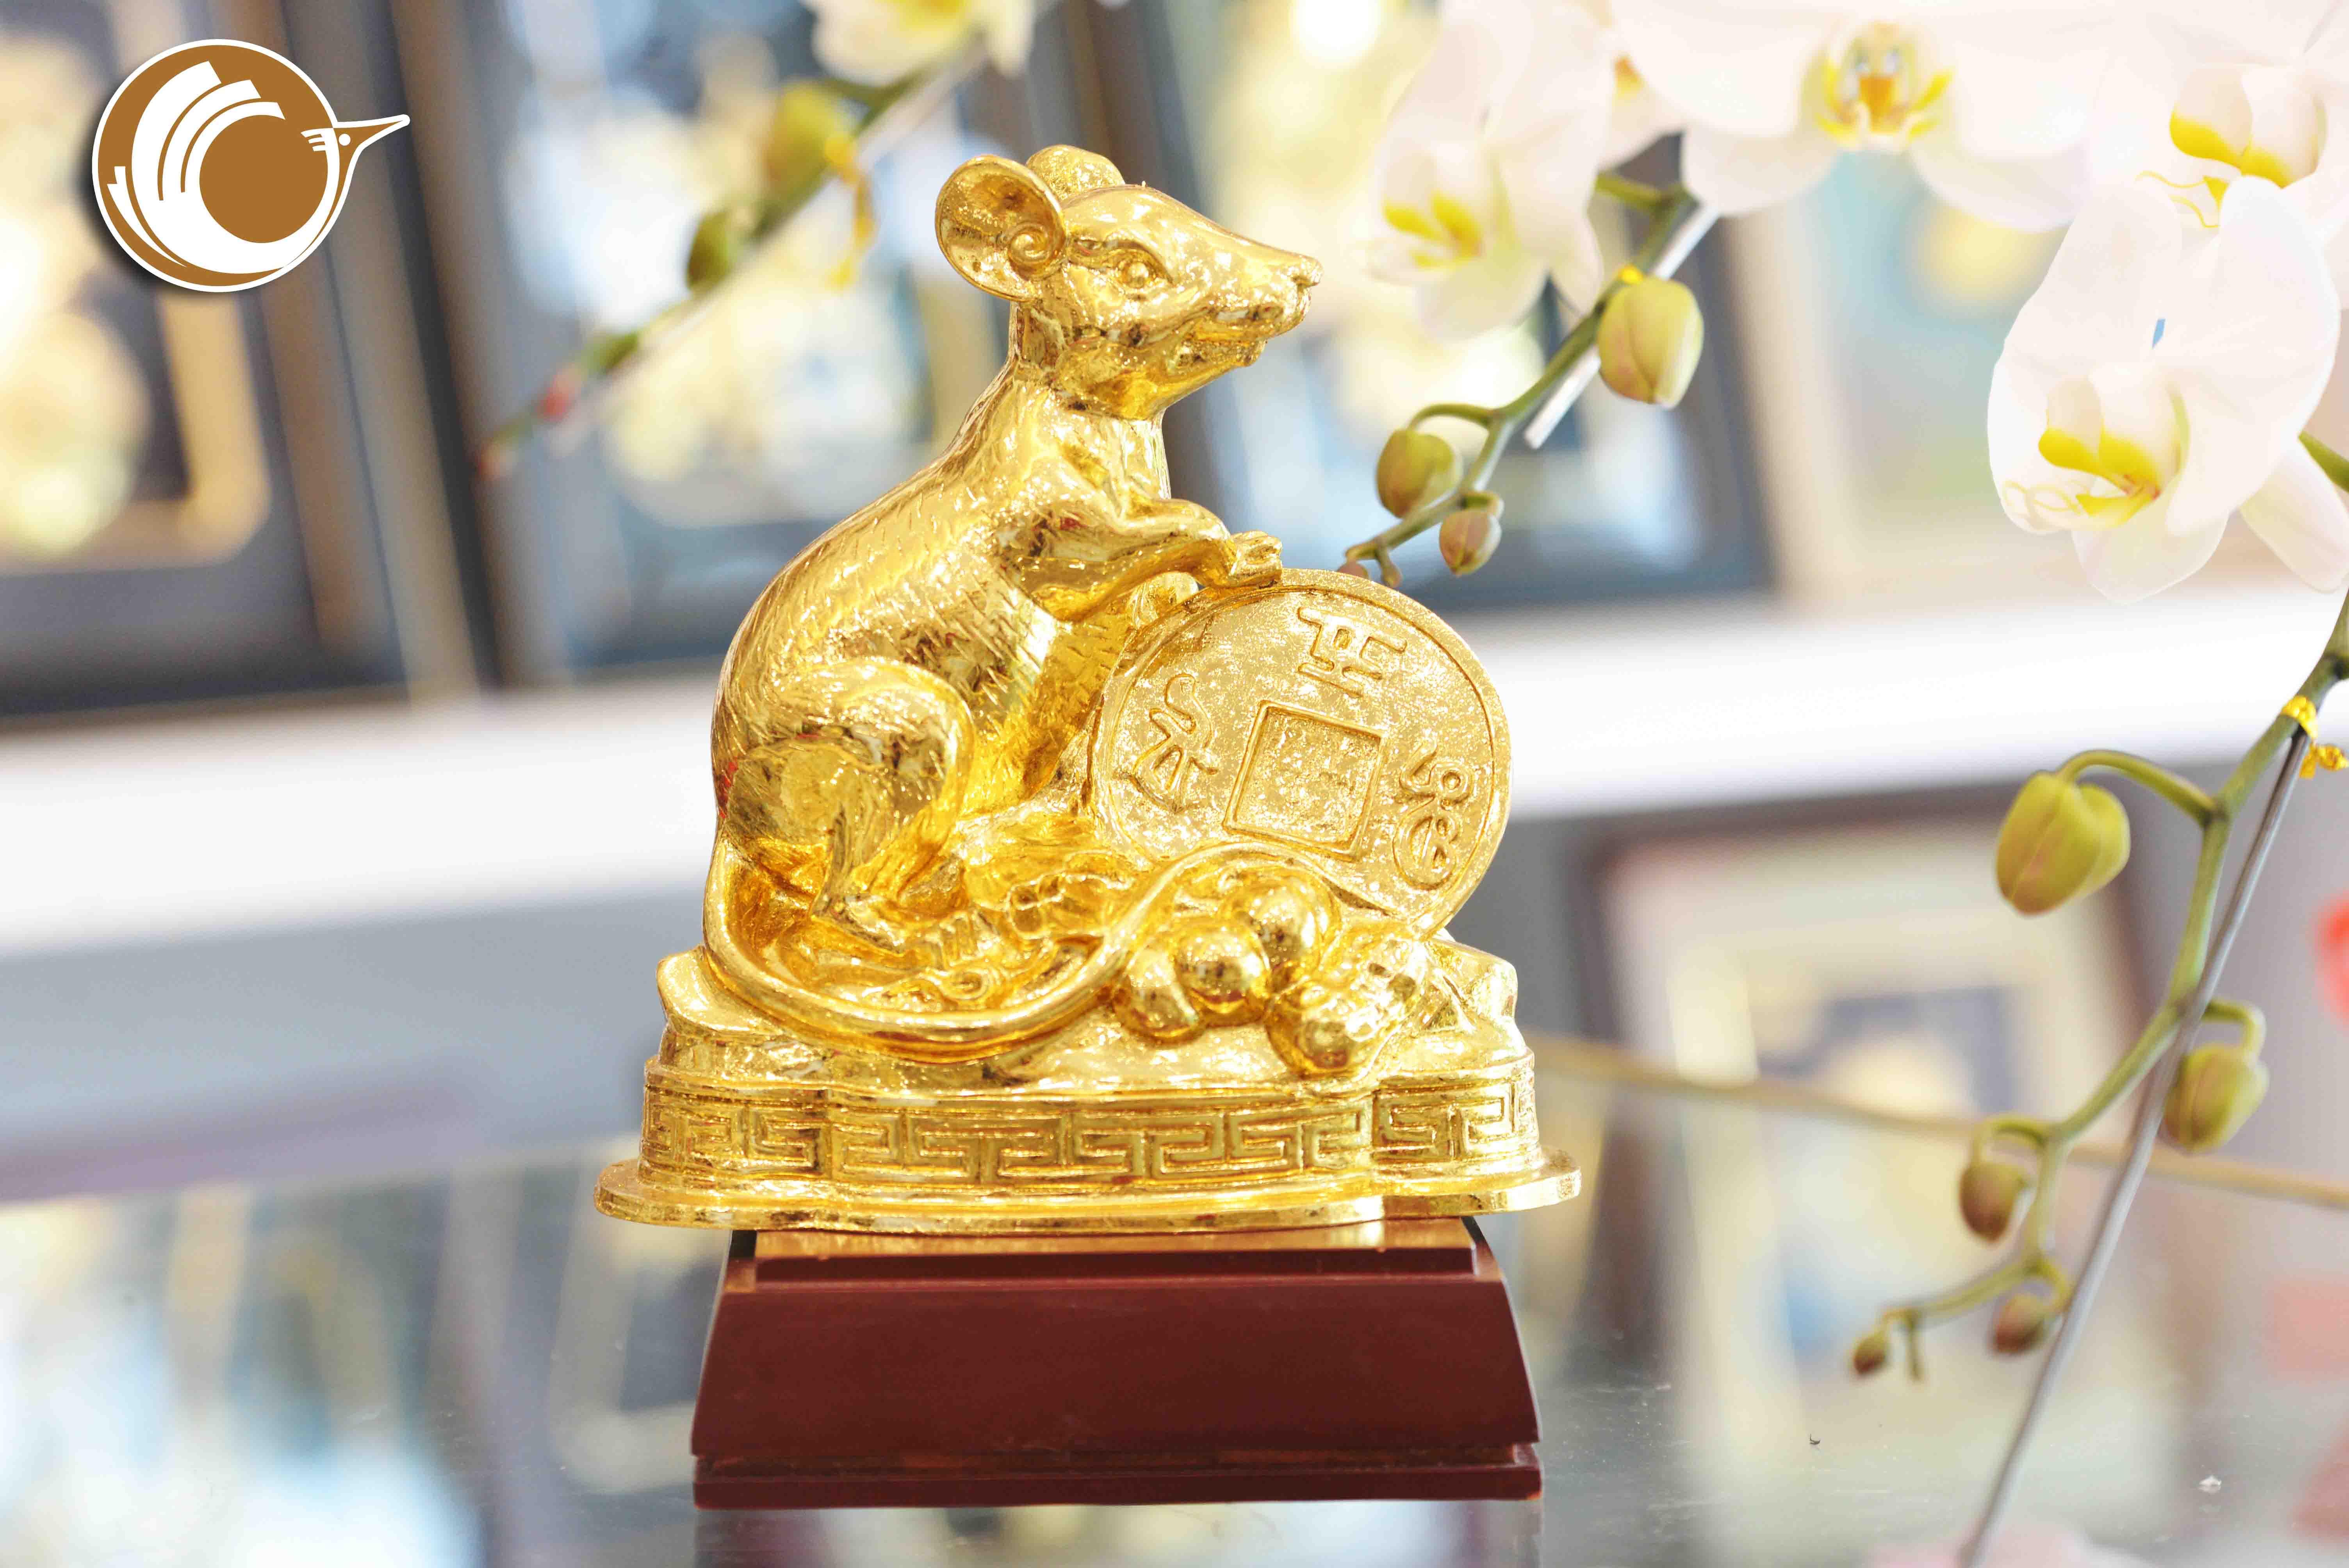 Quà tặng phong thủy- tượng chuột phong thủy mạ vàng 24k0